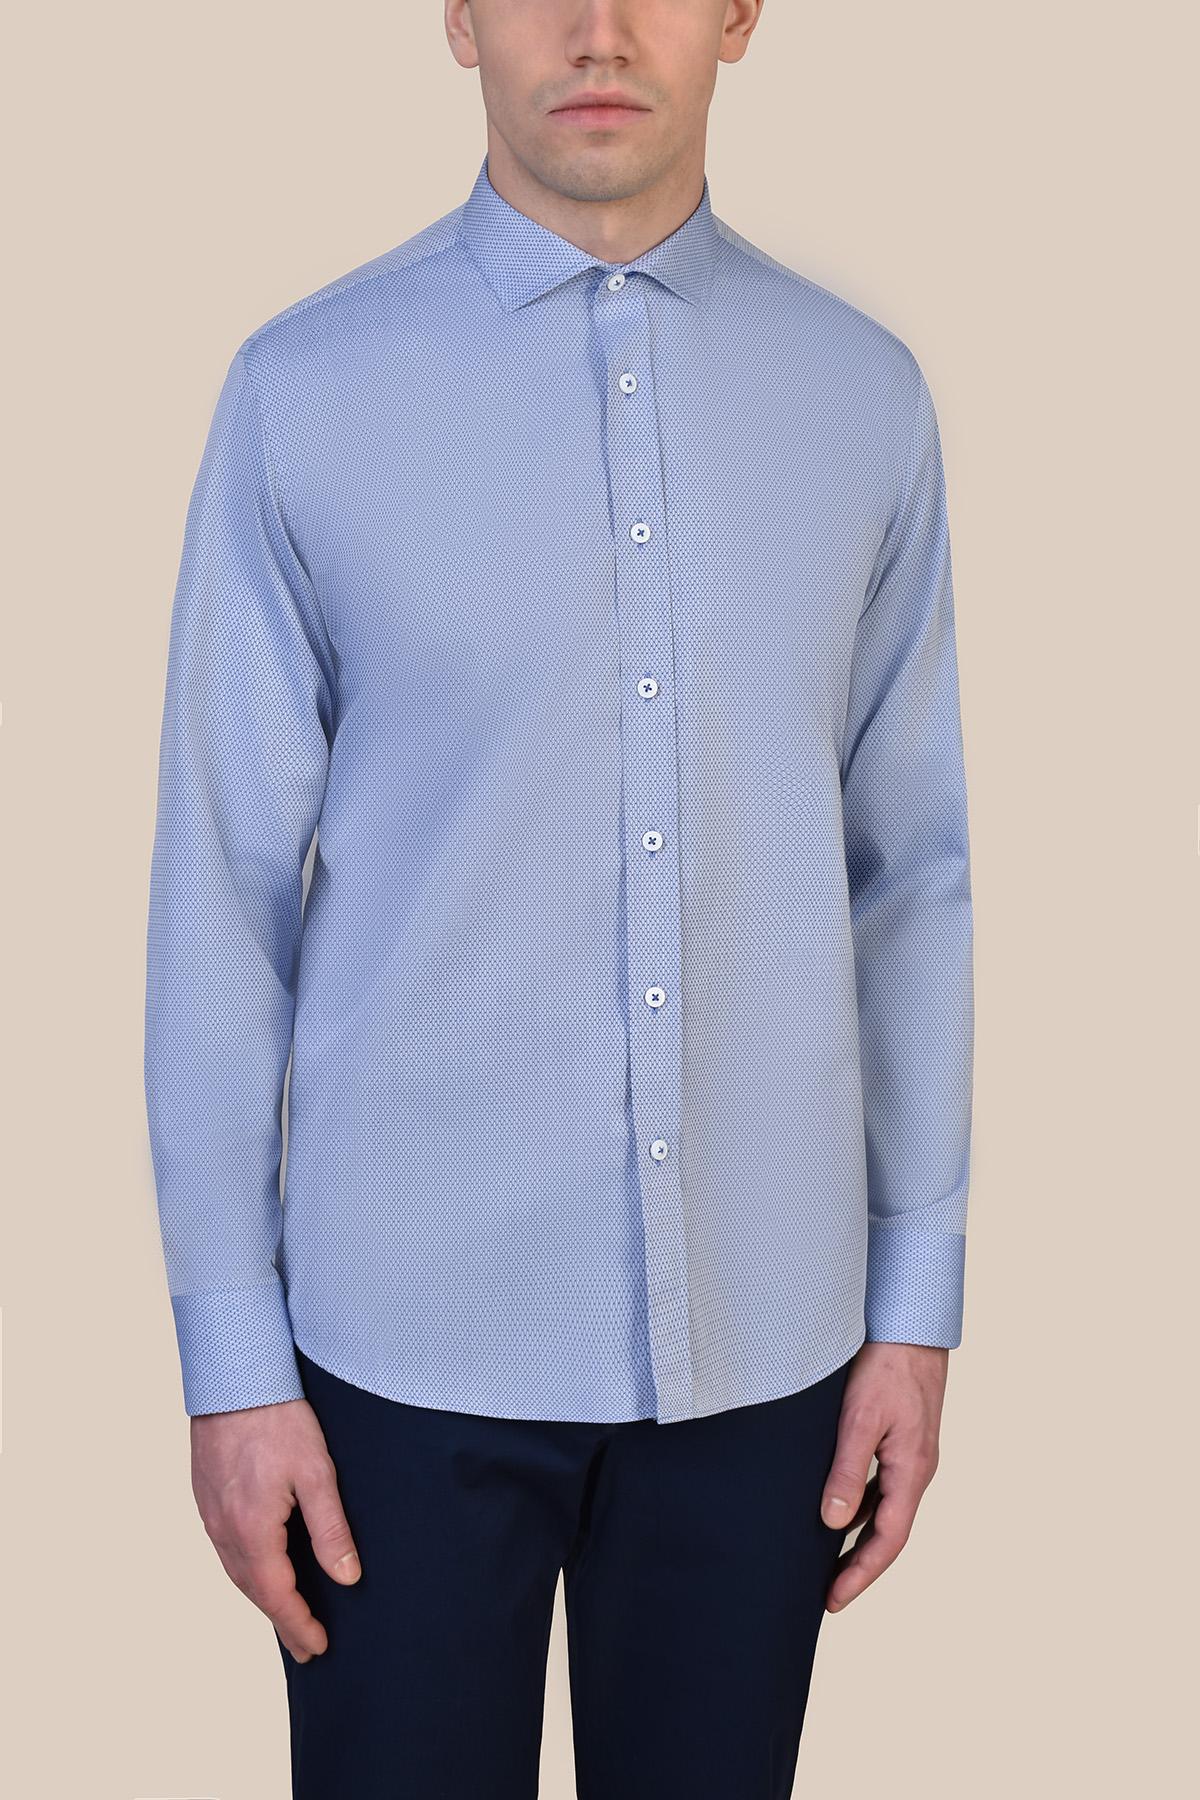 Рубашка из структурной ткани голубого цвета Vaismann 19230